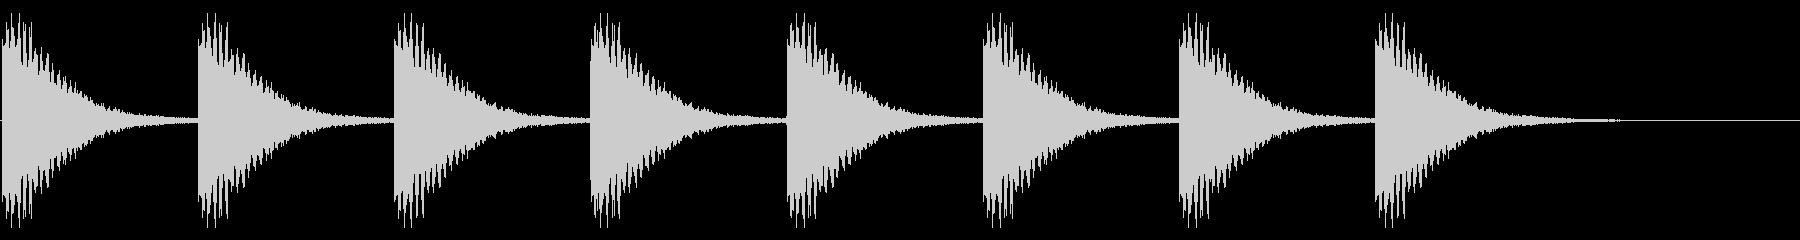 教会の鐘-6-2_revの未再生の波形